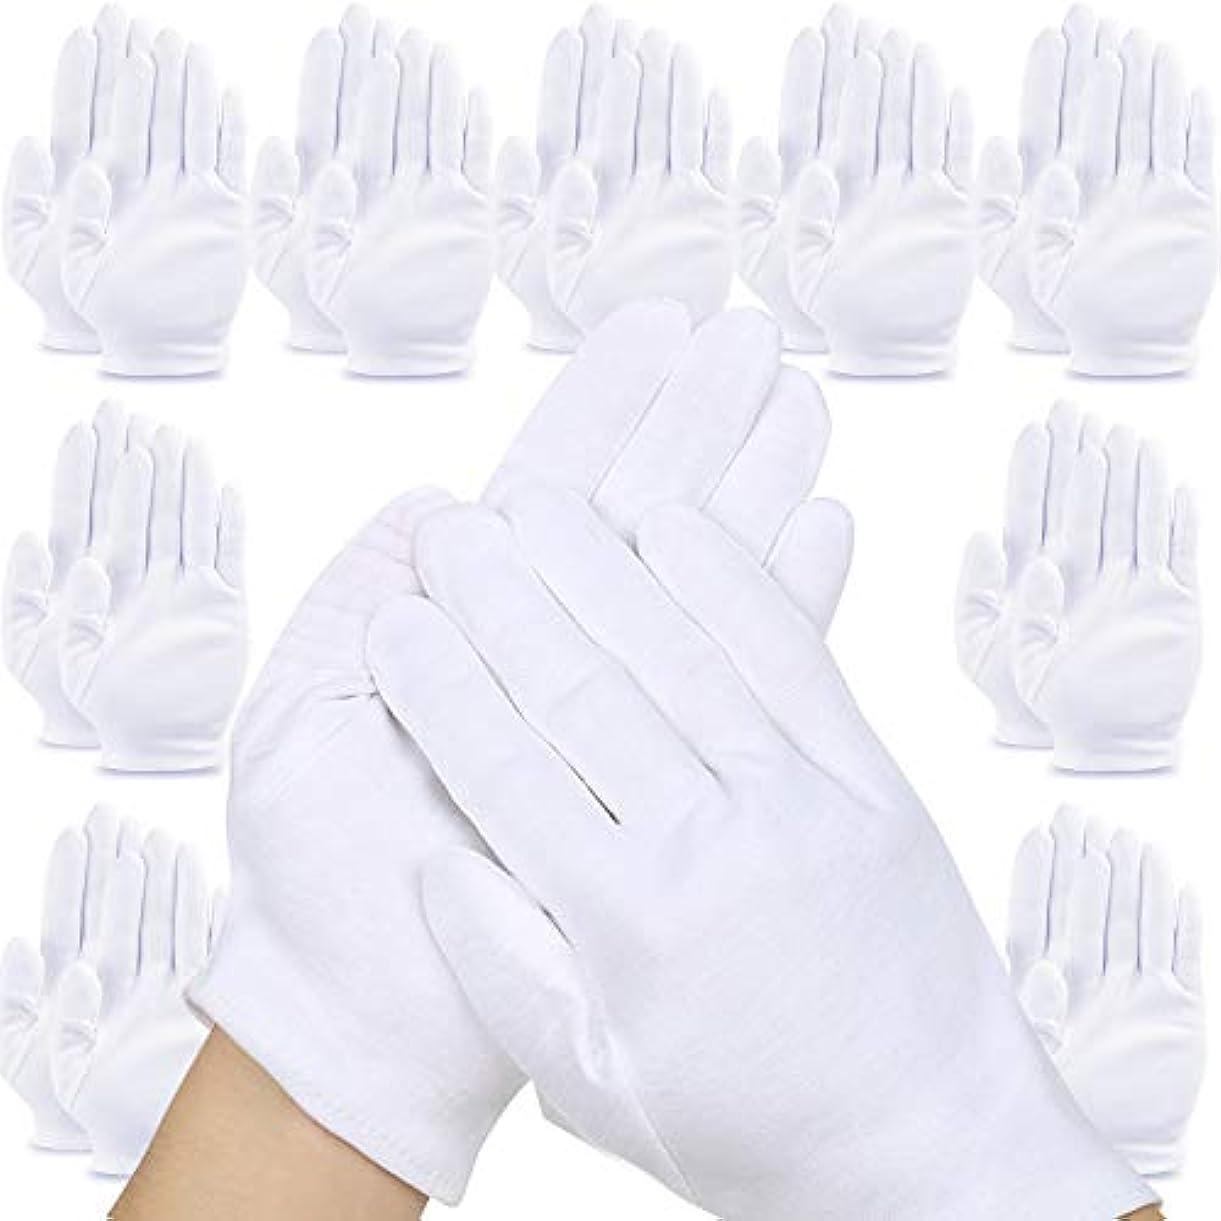 洞察力のあるスキャン垂直Teenitor コットン手袋 綿手袋 インナーコットン手袋 白手袋 20枚入り 手荒れ 手袋 Sサイズ おやすみ 手袋 湿疹用 乾燥肌用 保湿用 家事用 礼装用 ガーデニング用